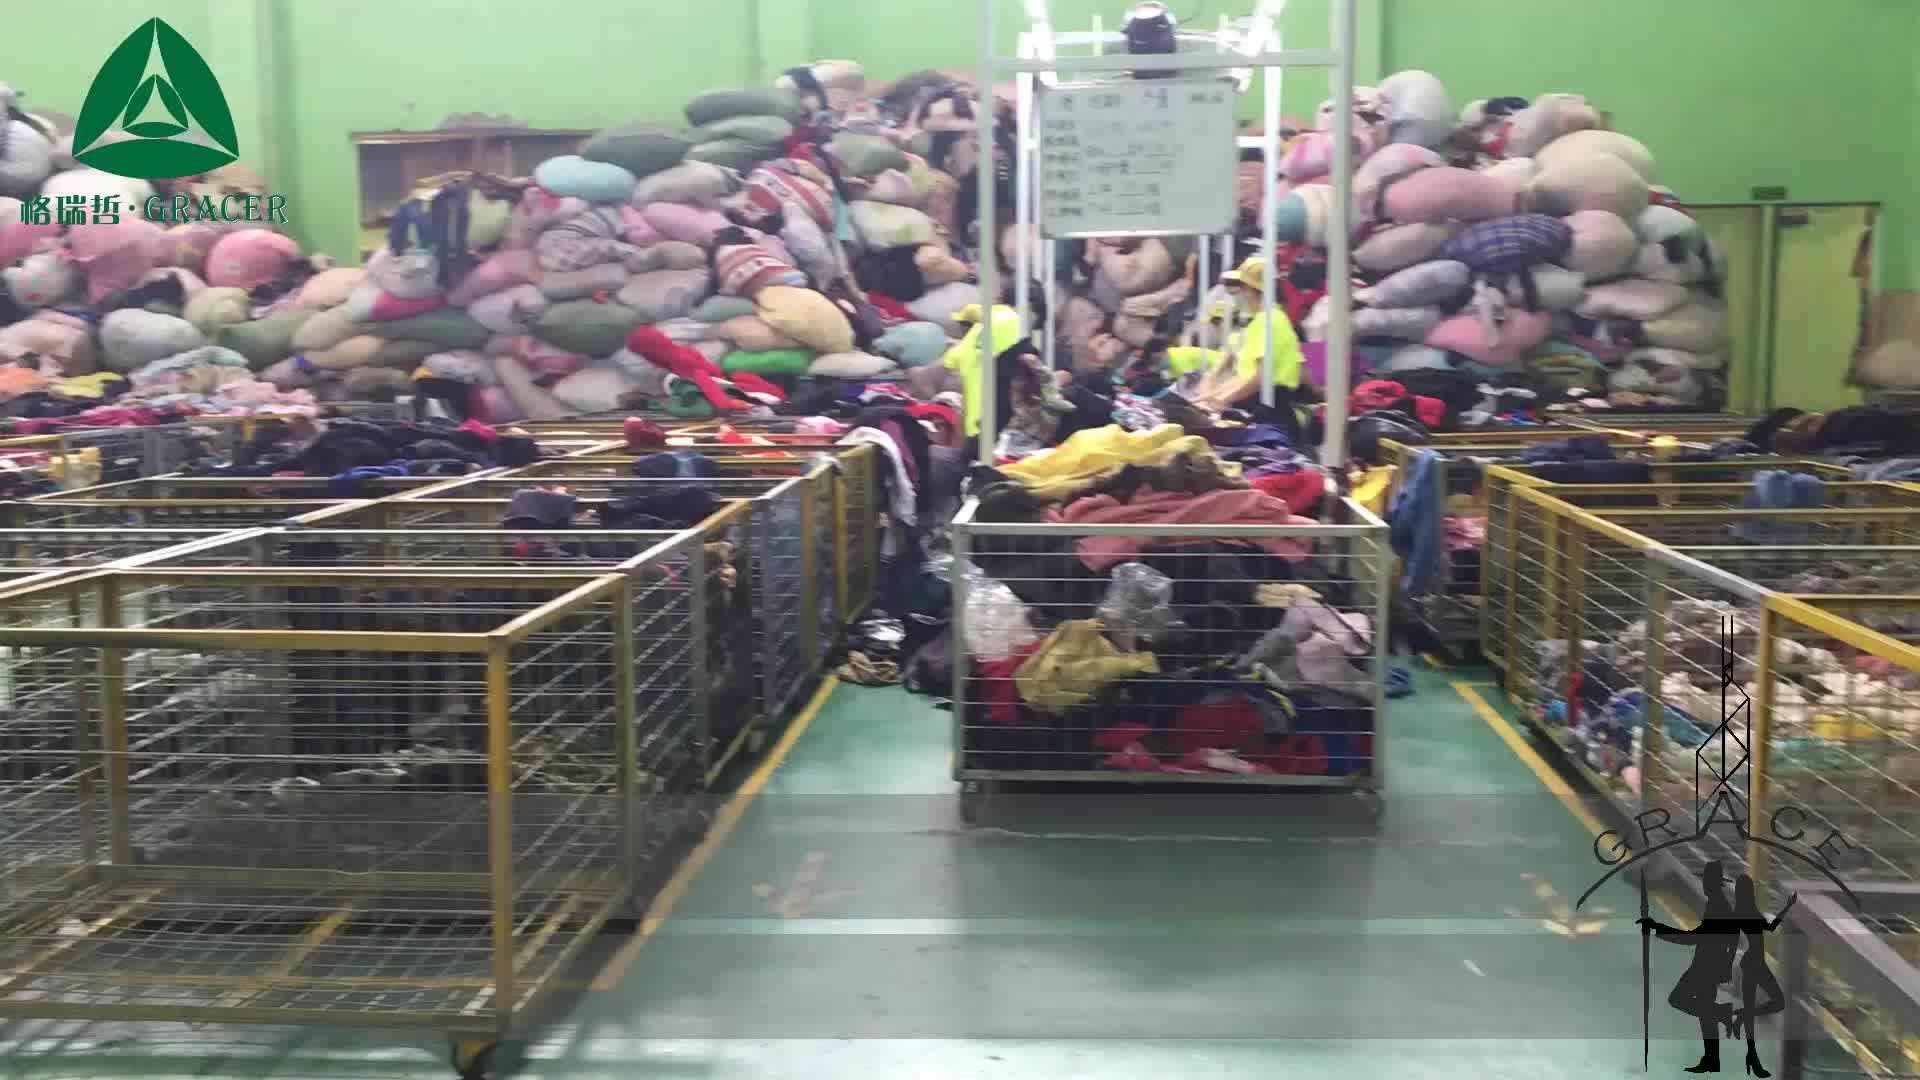 बच्चों के बच्चे को कपड़े गांठें 50 kg गांठें पोलैंड शैली का इस्तेमाल किया मिश्रित इस्तेमाल कपड़ों